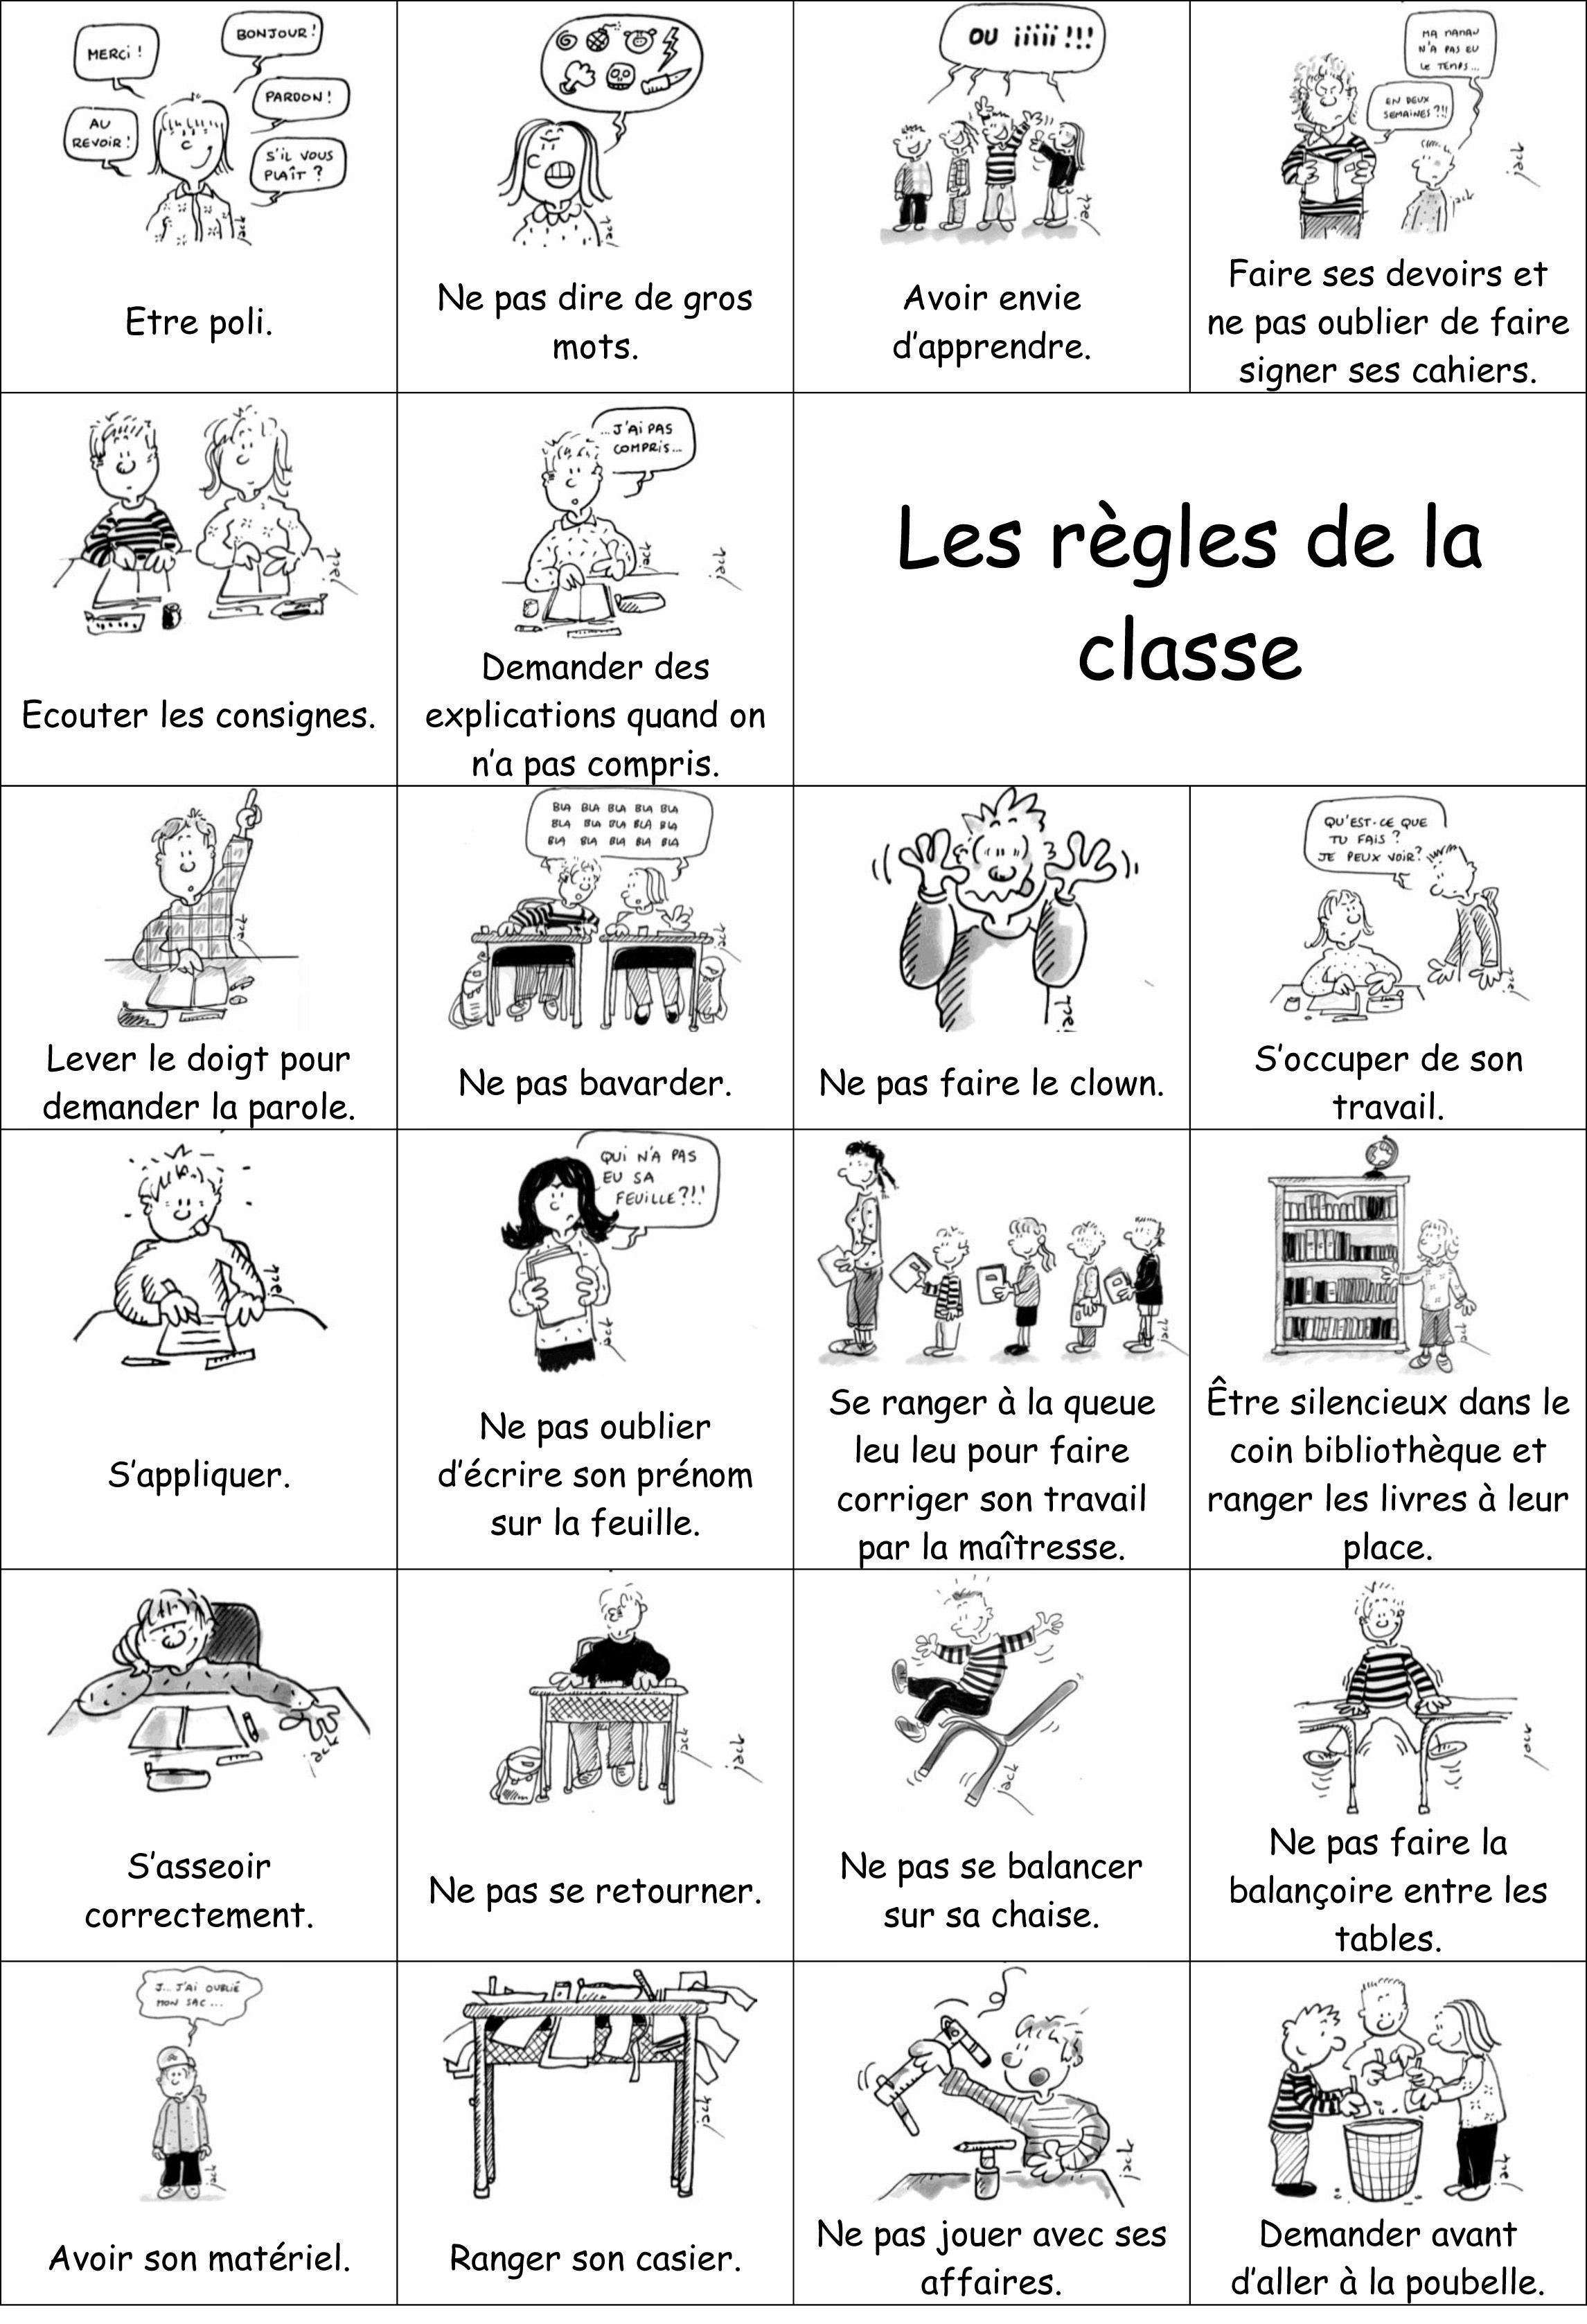 Les r gles de la classe learning mania pinterest - Image classe maternelle ...